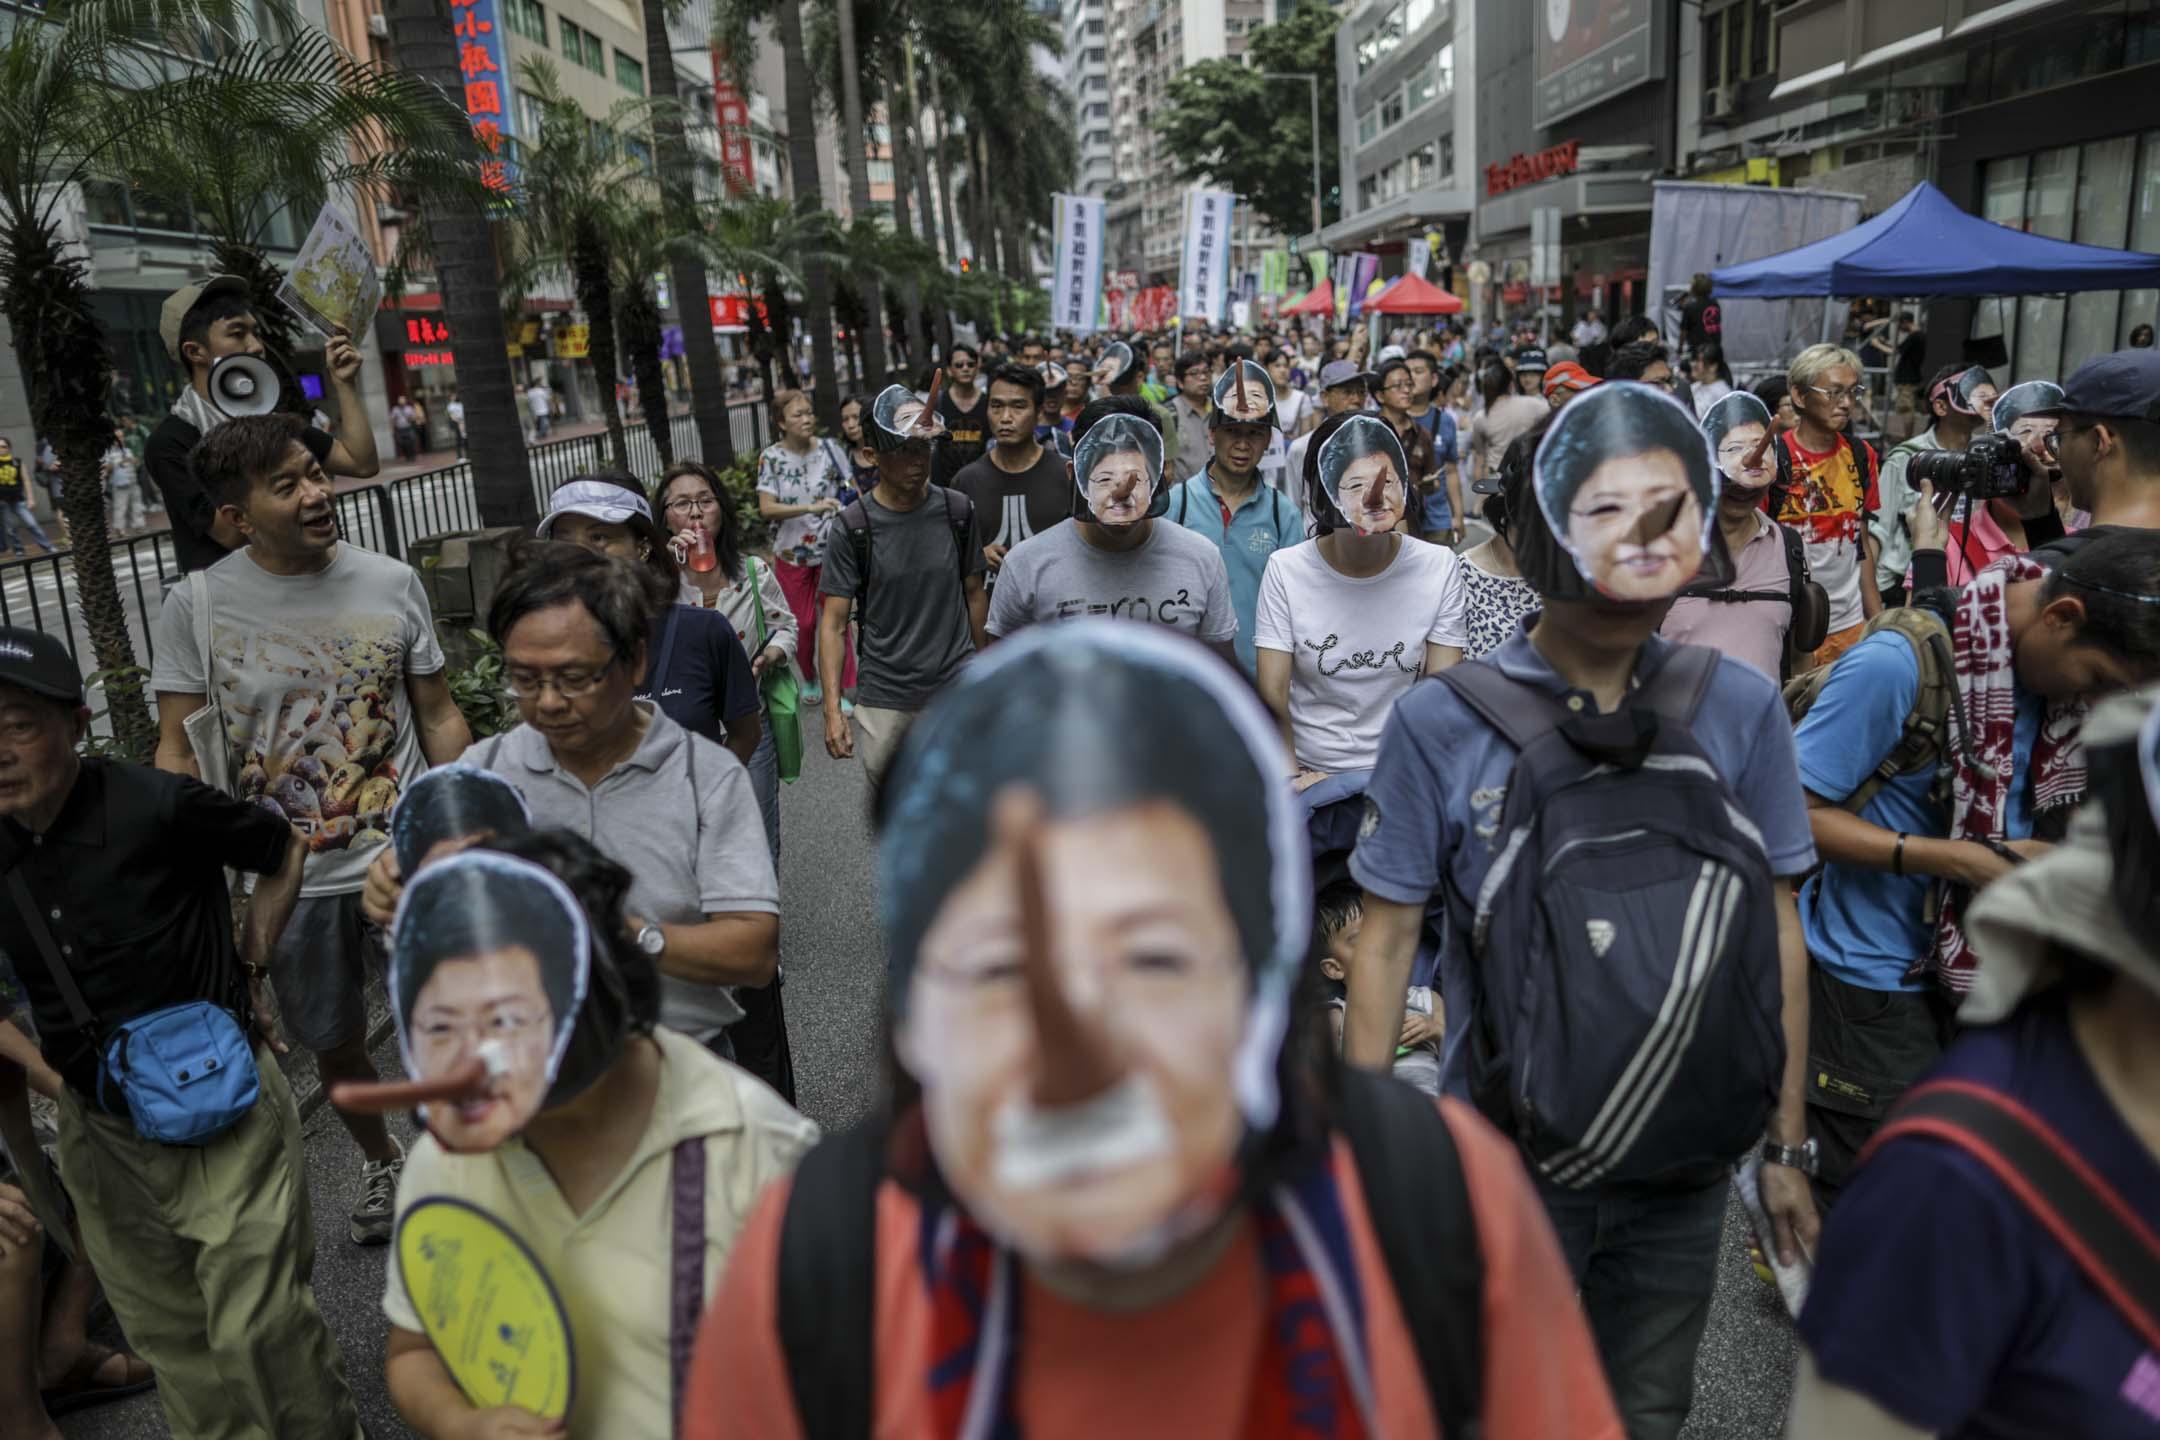 2018年民陣的七一遊行以「結束一黨專政,拒絕香港淪陷」為主題,民陣傍晚公布有5萬人上街,比2017年少1萬人。 攝:Stanley Leung/端傳媒